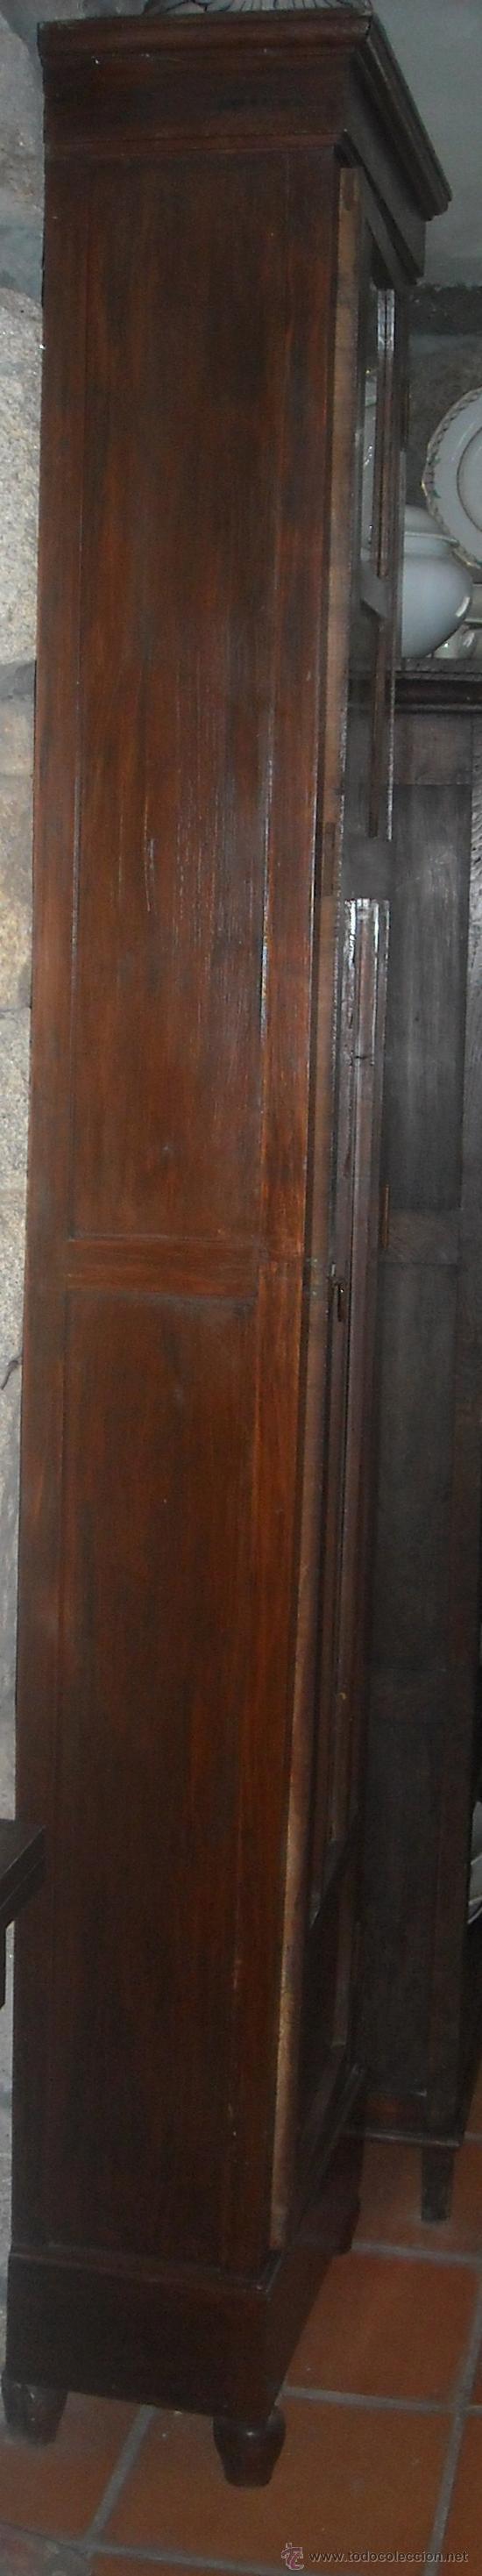 Relojes de pie: CAJA ANTIGUA RELOJ PIE MADERA CASTAÑO - Foto 4 - 27435939